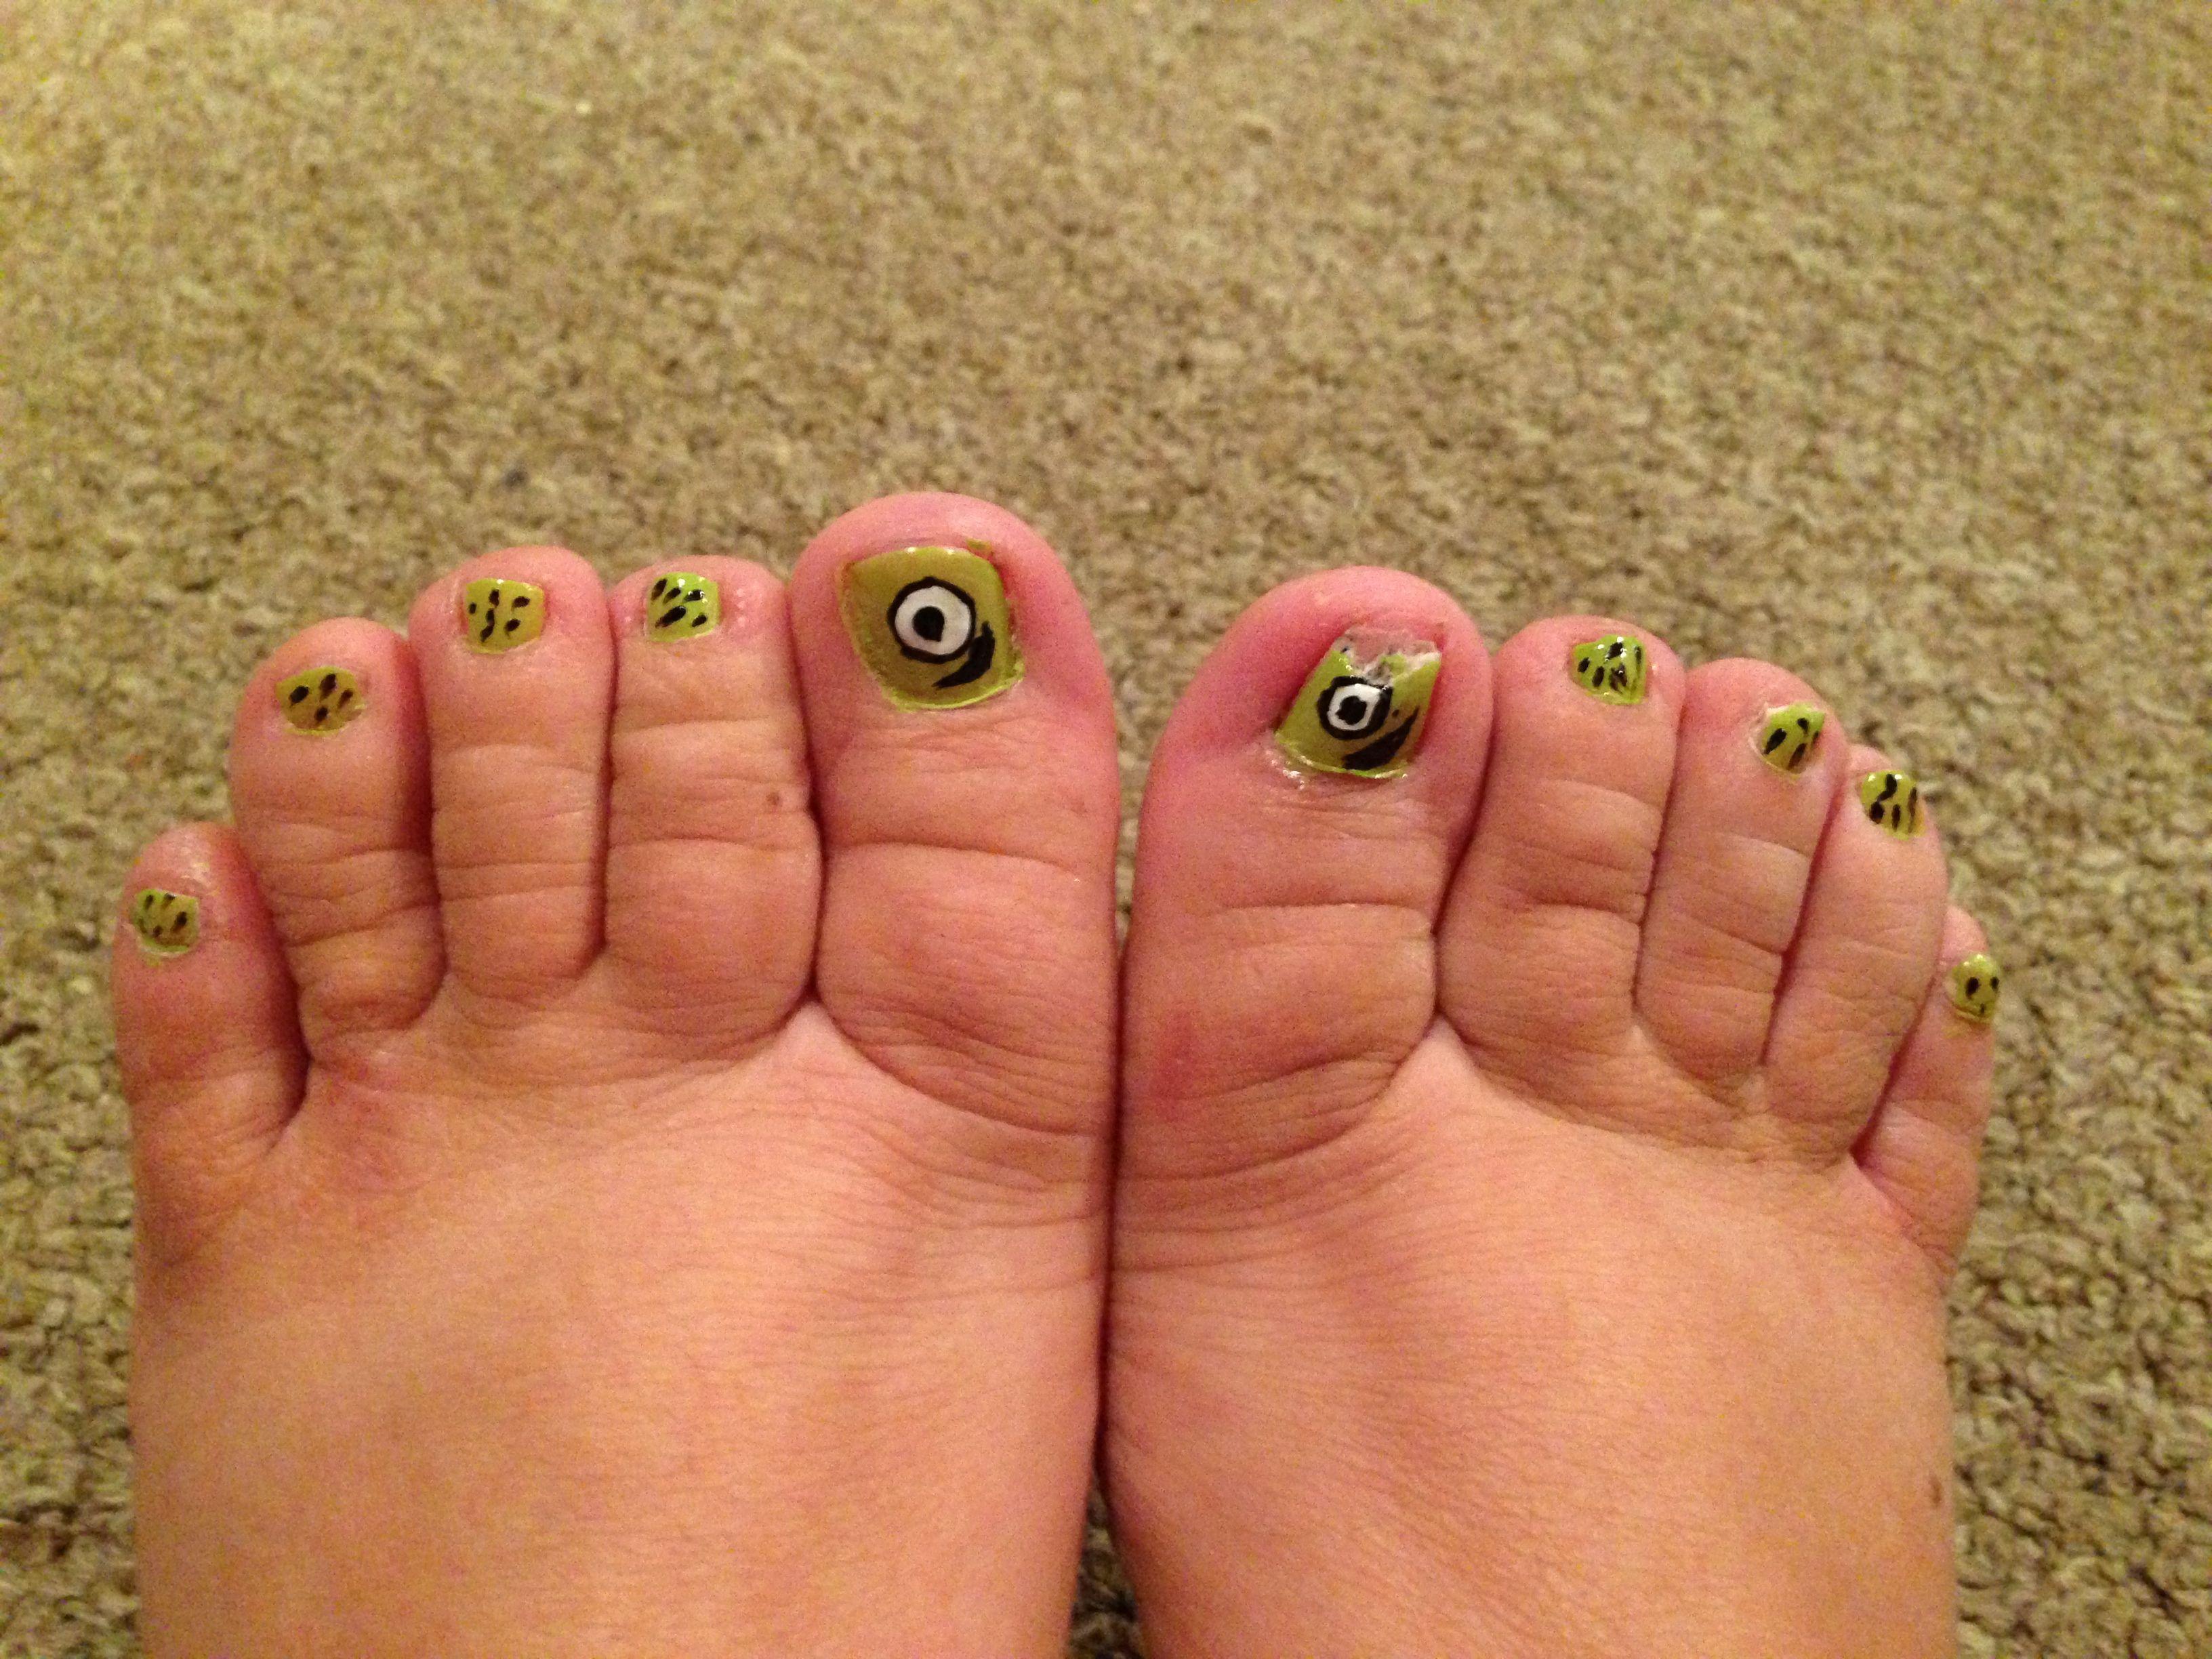 Monsters Inc inspired toenails